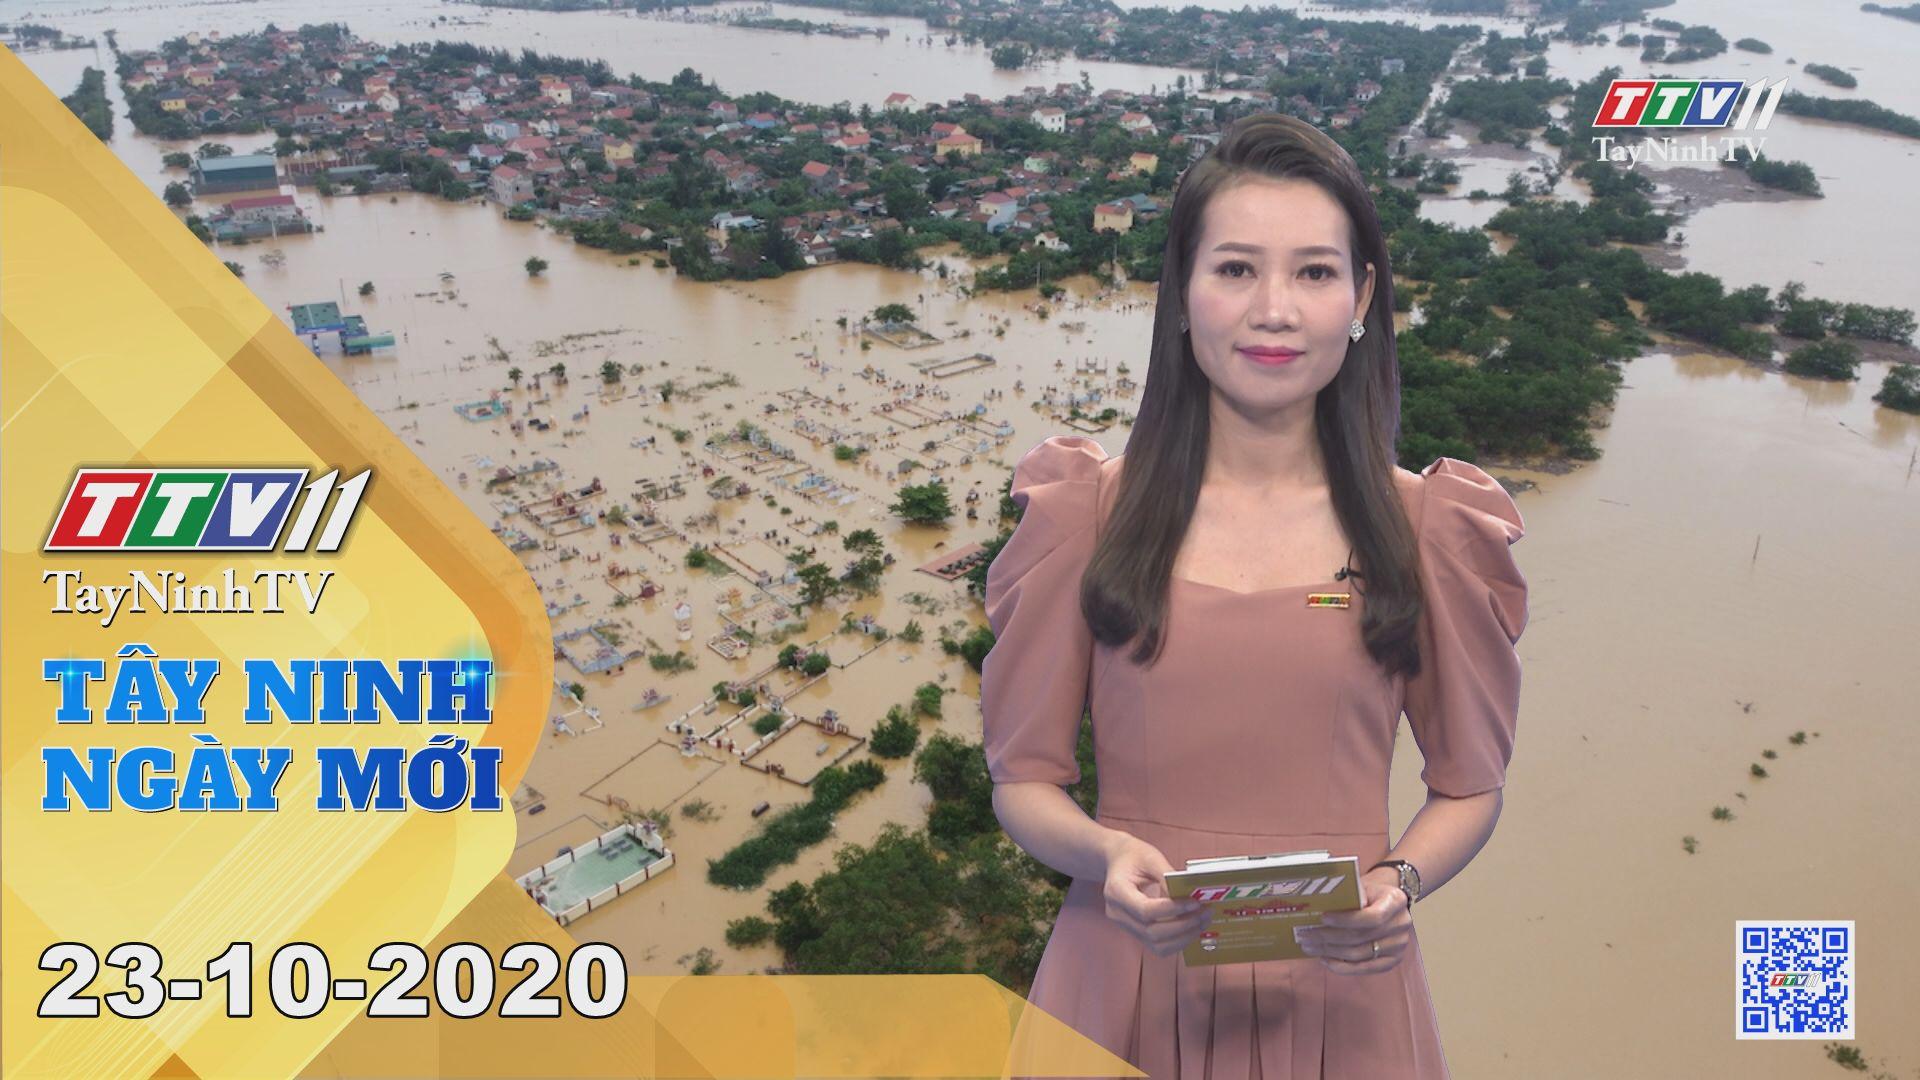 Tây Ninh Ngày Mới 23-10-2020 | Tin tức hôm nay | TayNinhTV